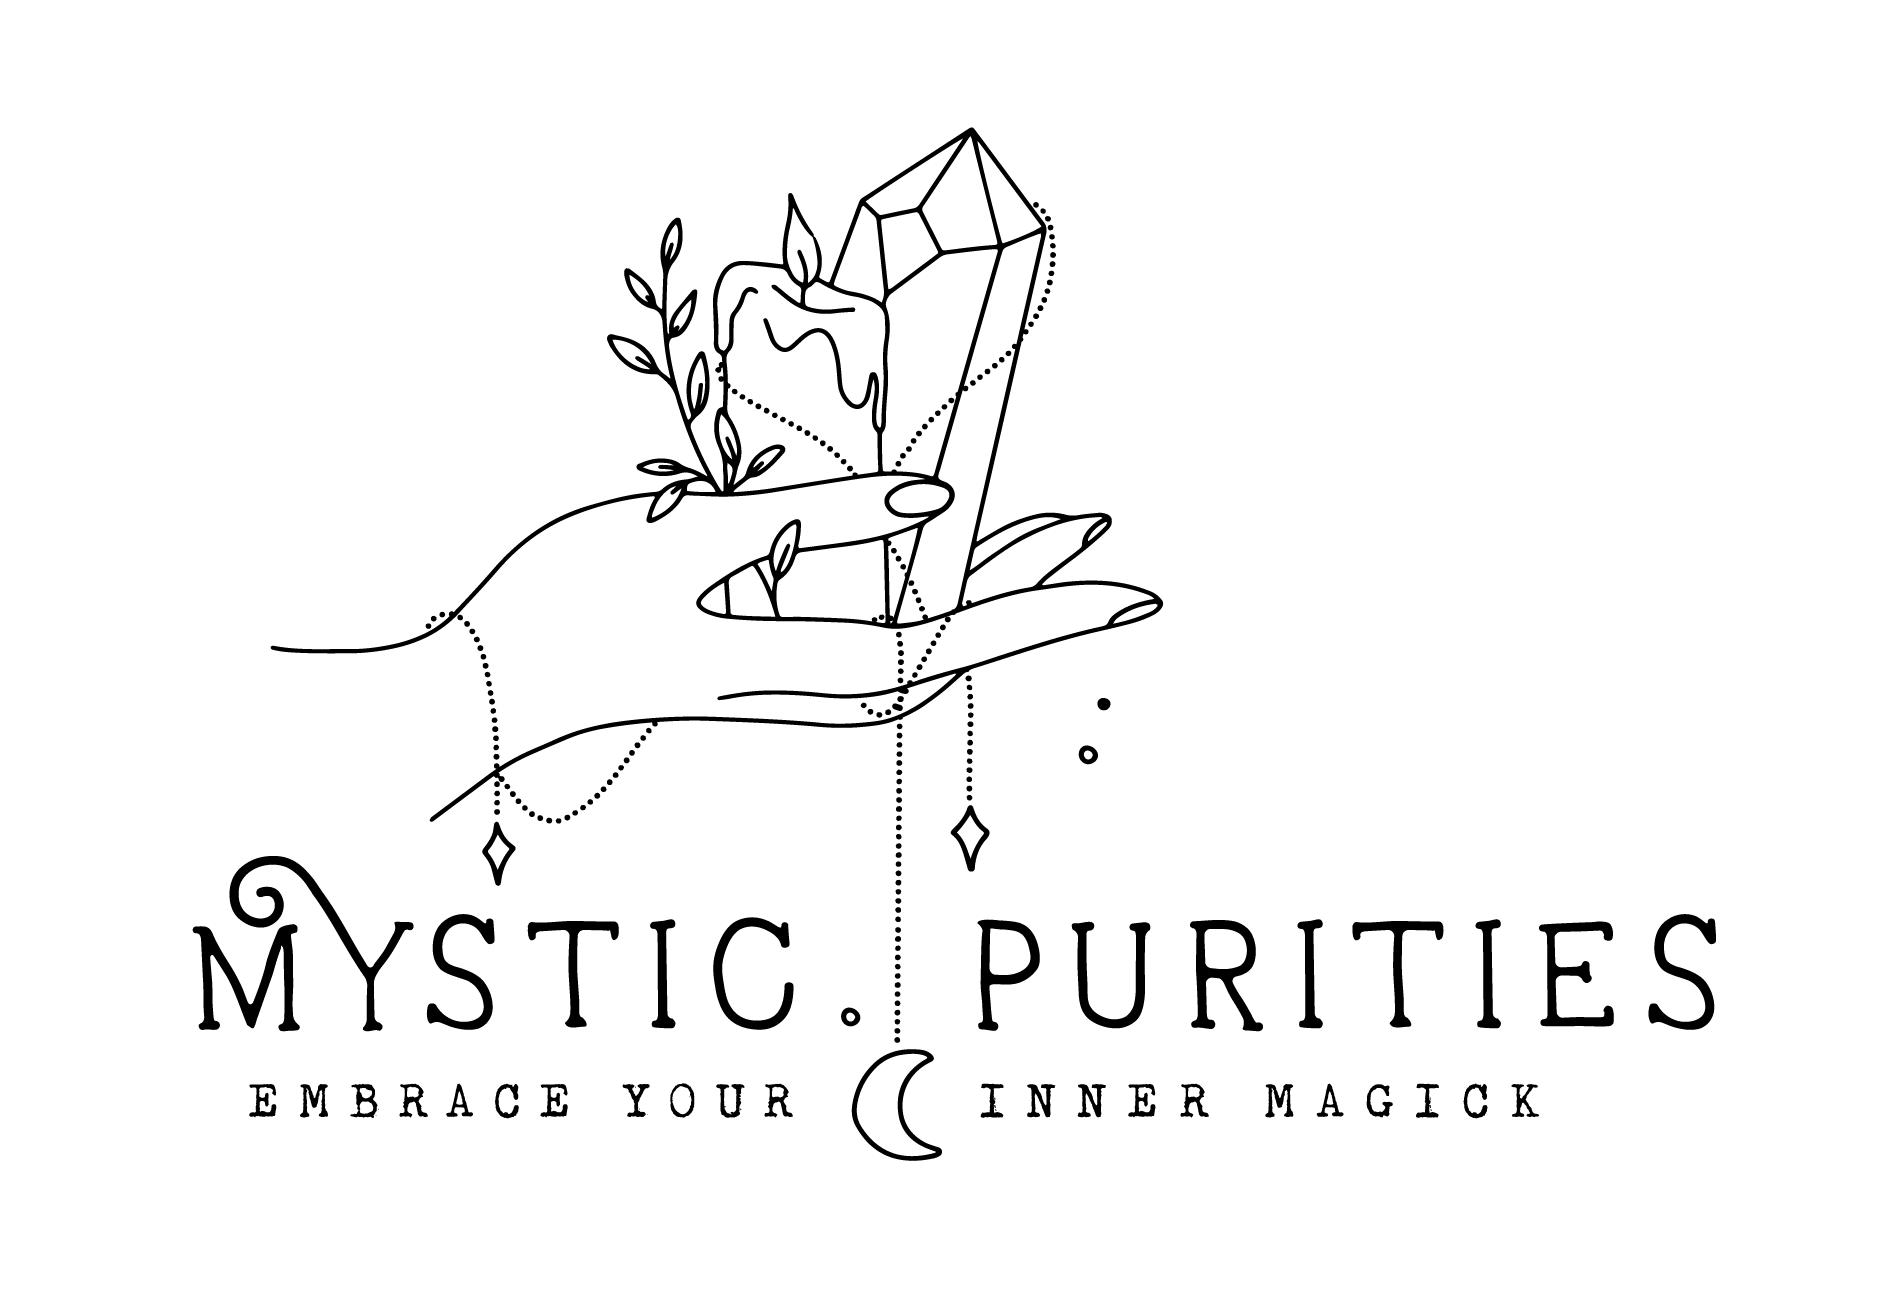 Mystic Purities